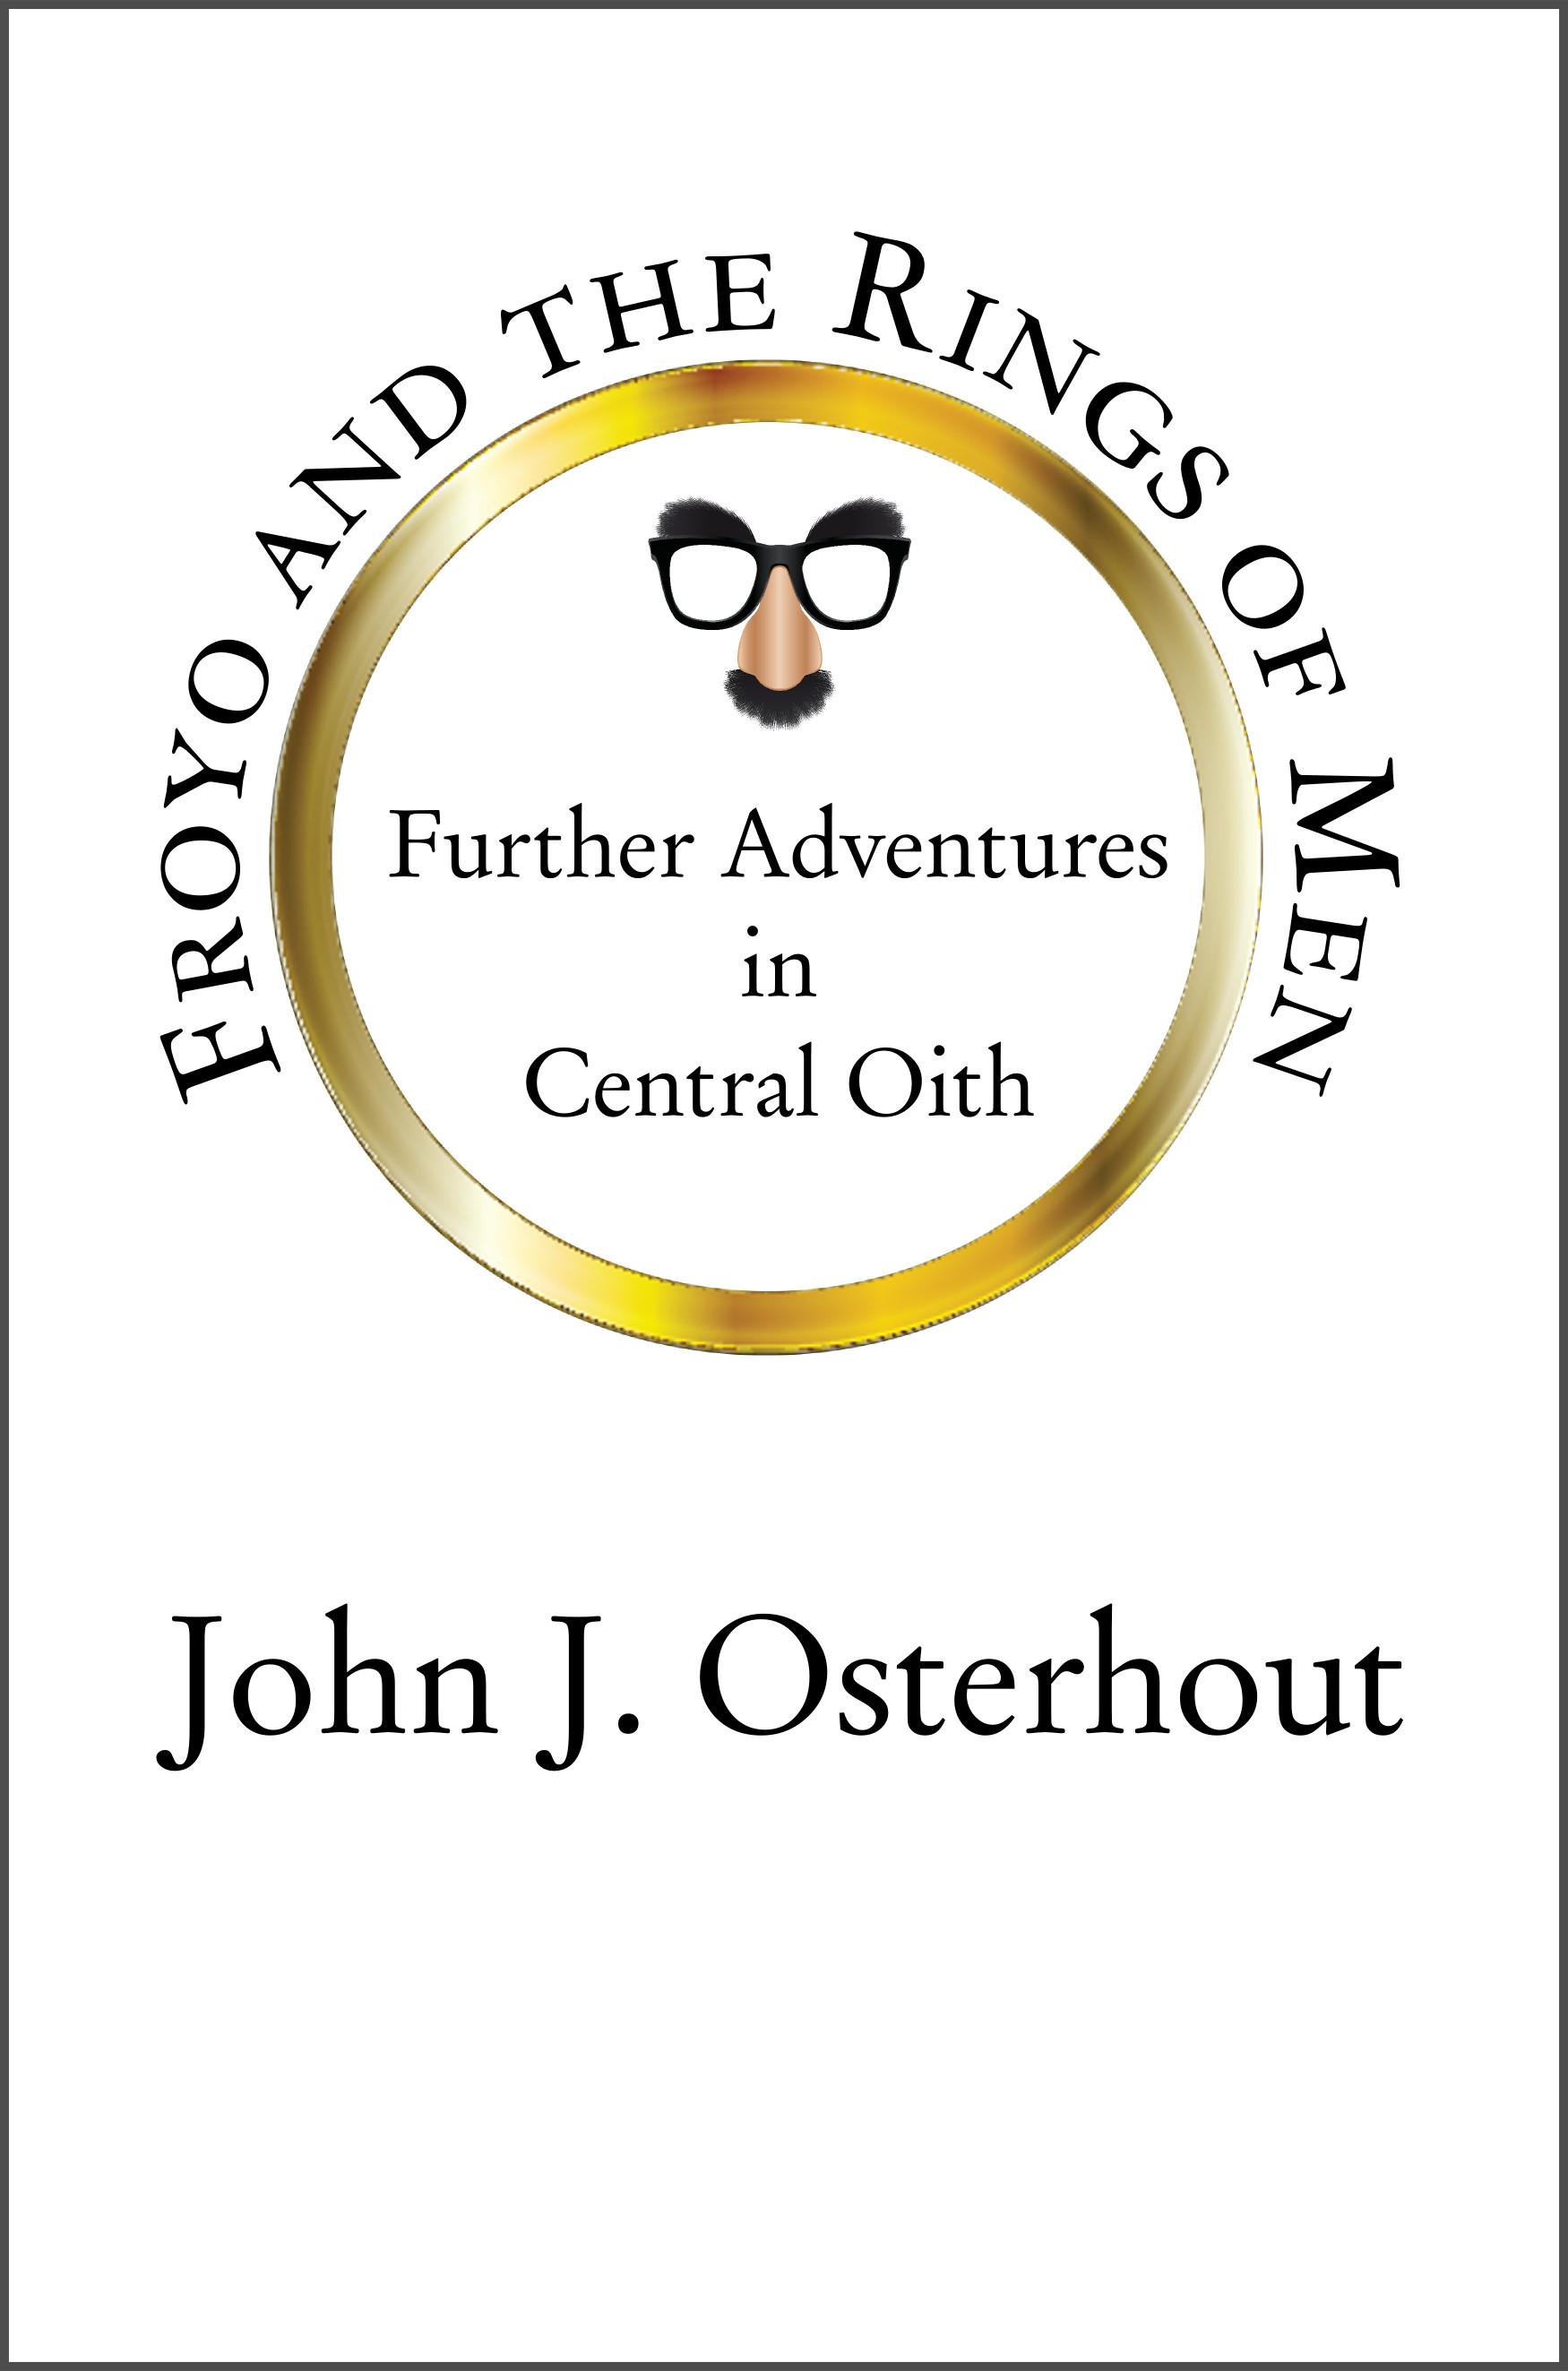 Books john osterhout froyoandtheringsofmencover fandeluxe Gallery